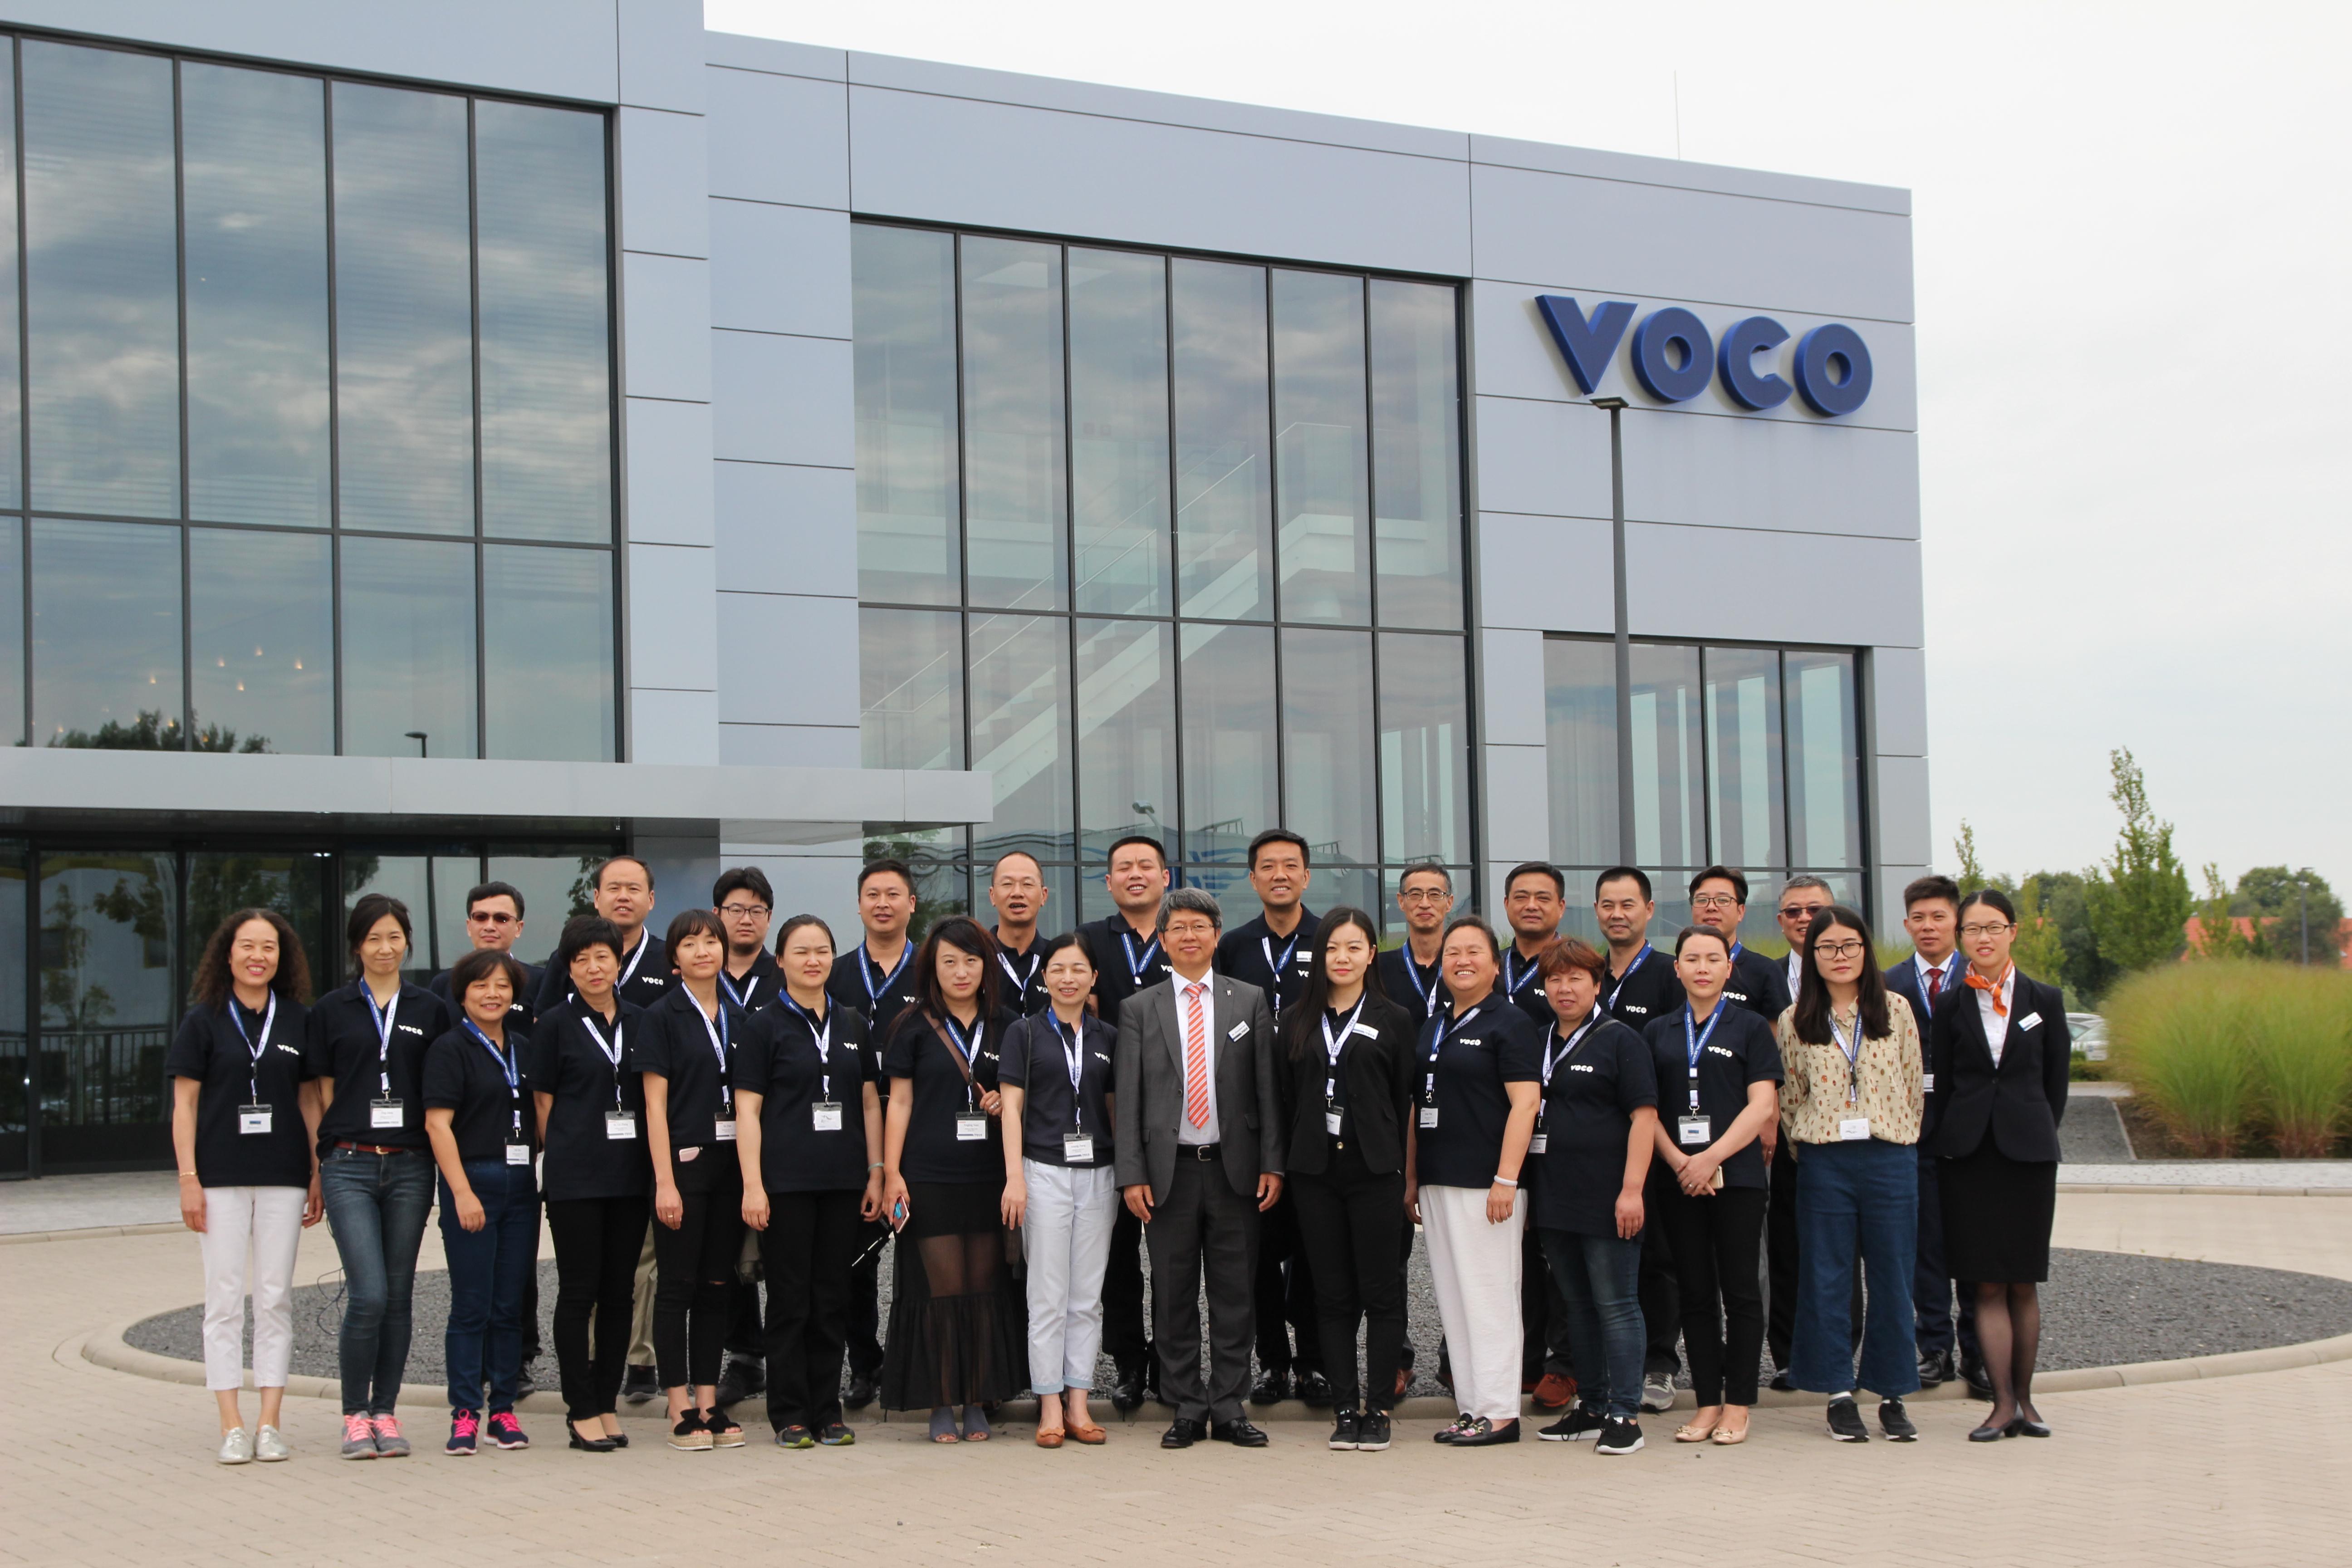 来自海峡两岸的牙医和经销商参加VOCO总部为期一天的培训活动。销售经理骆博士(正中间)陪同远道而来的客人